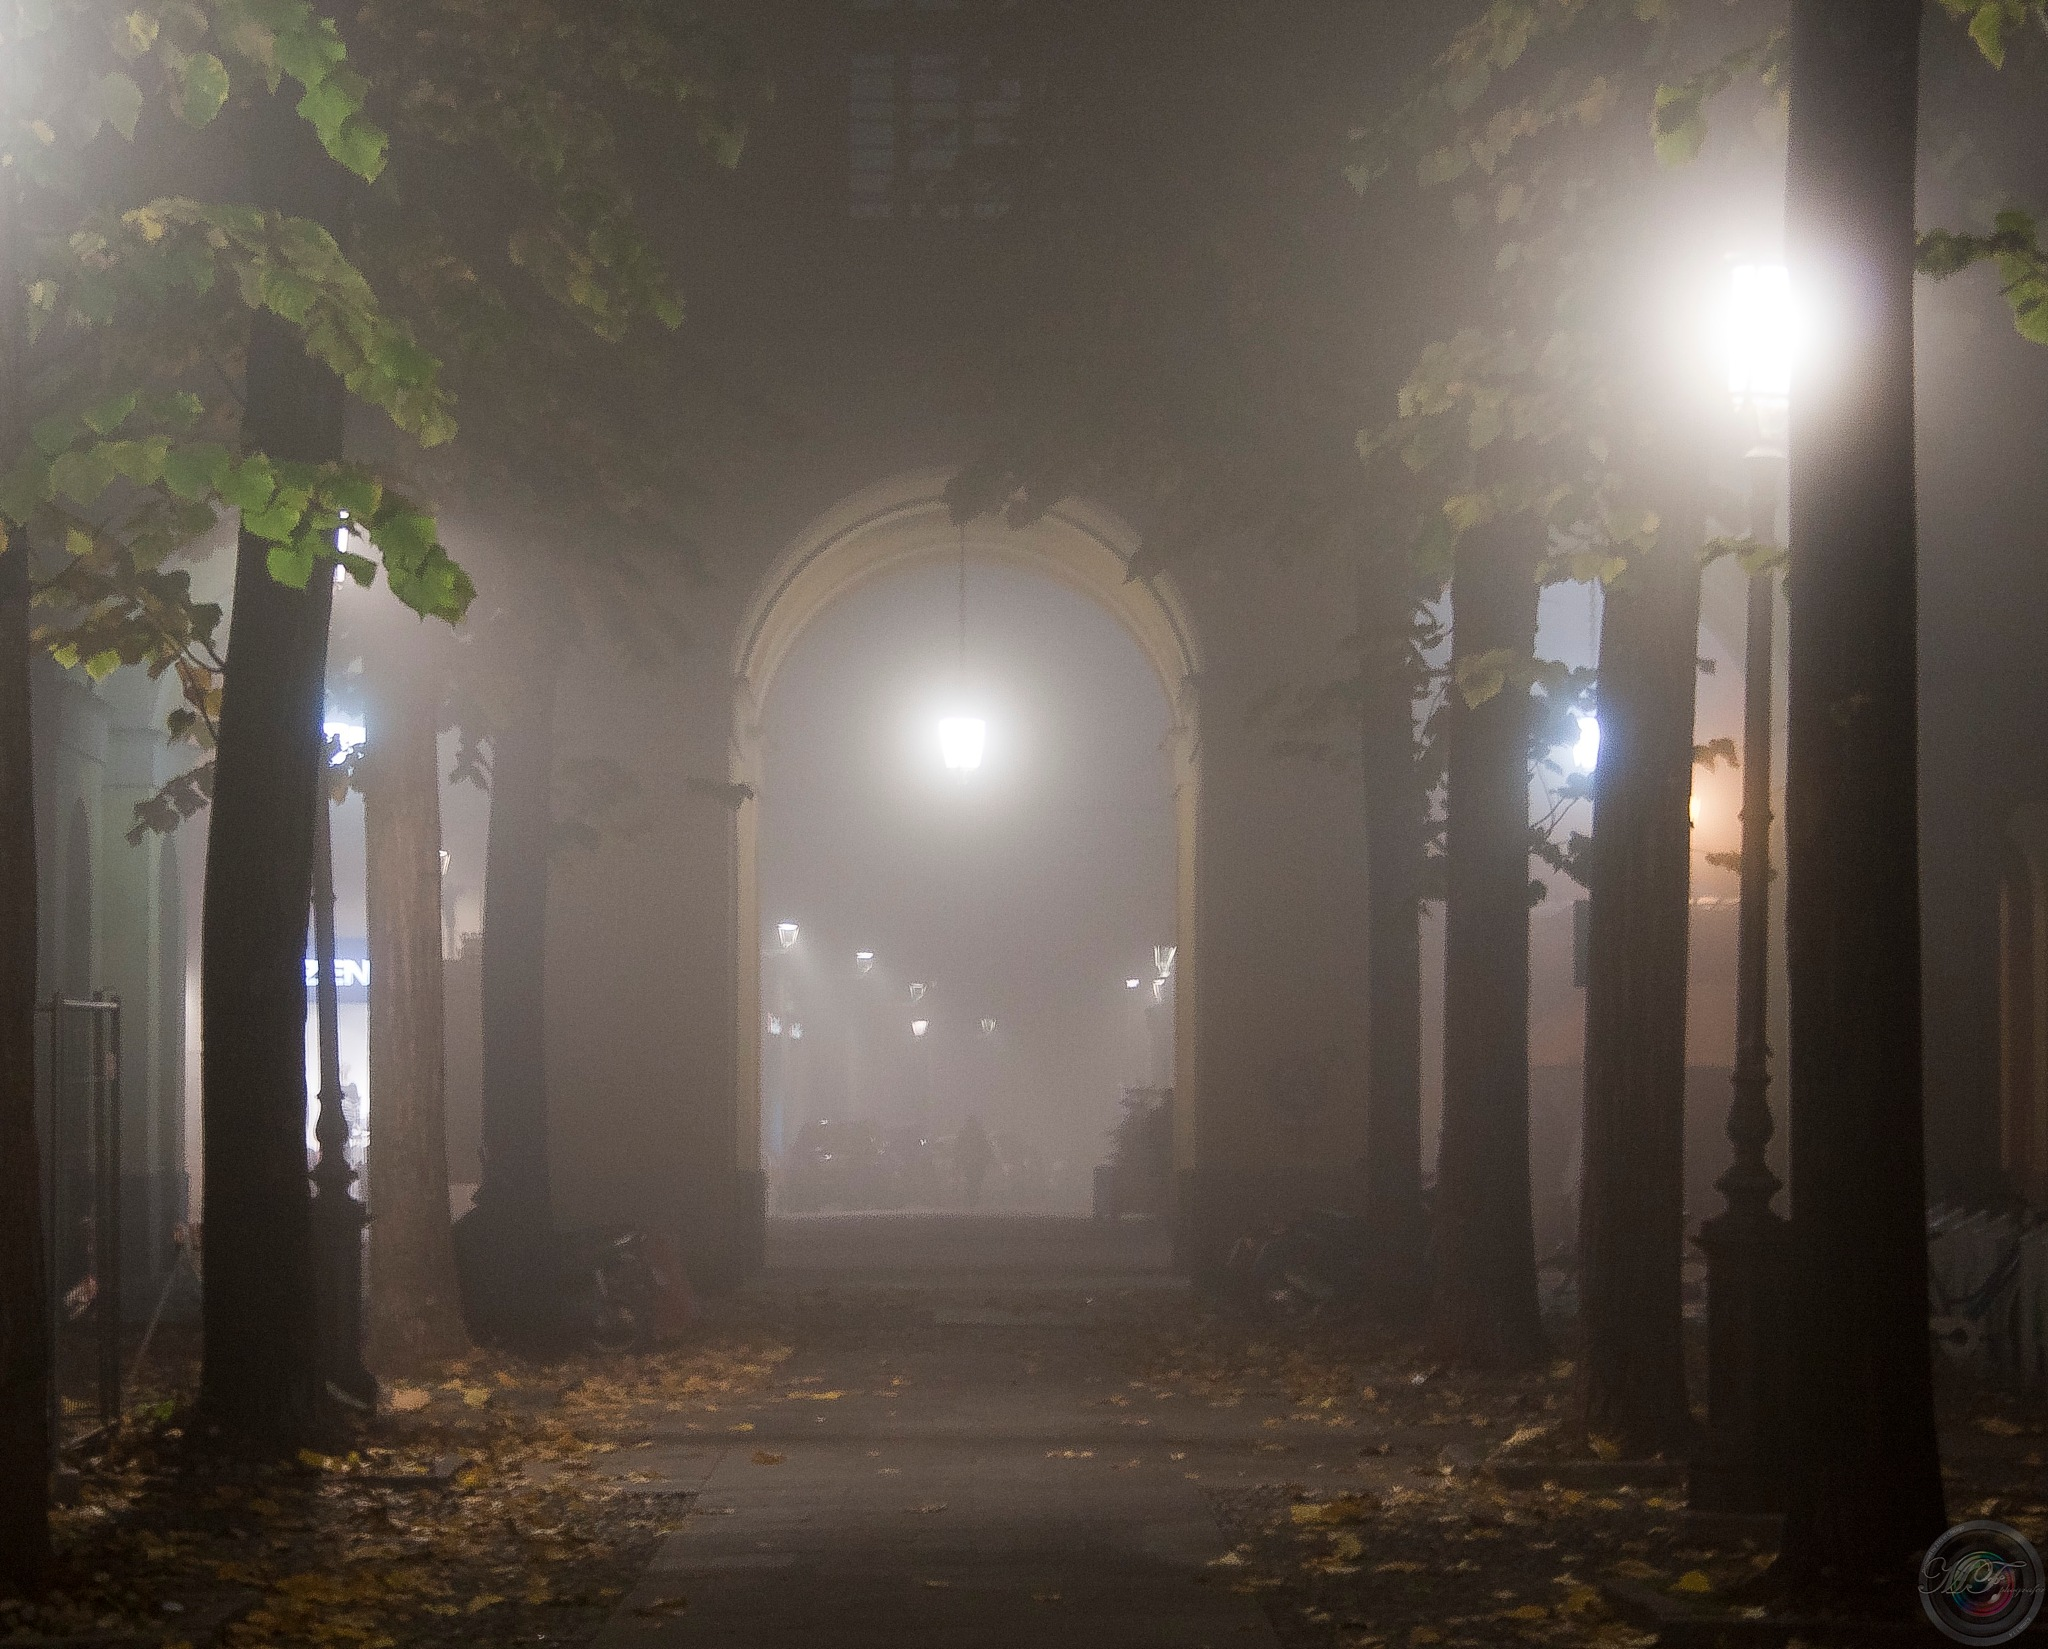 Fog by MFPhotographer